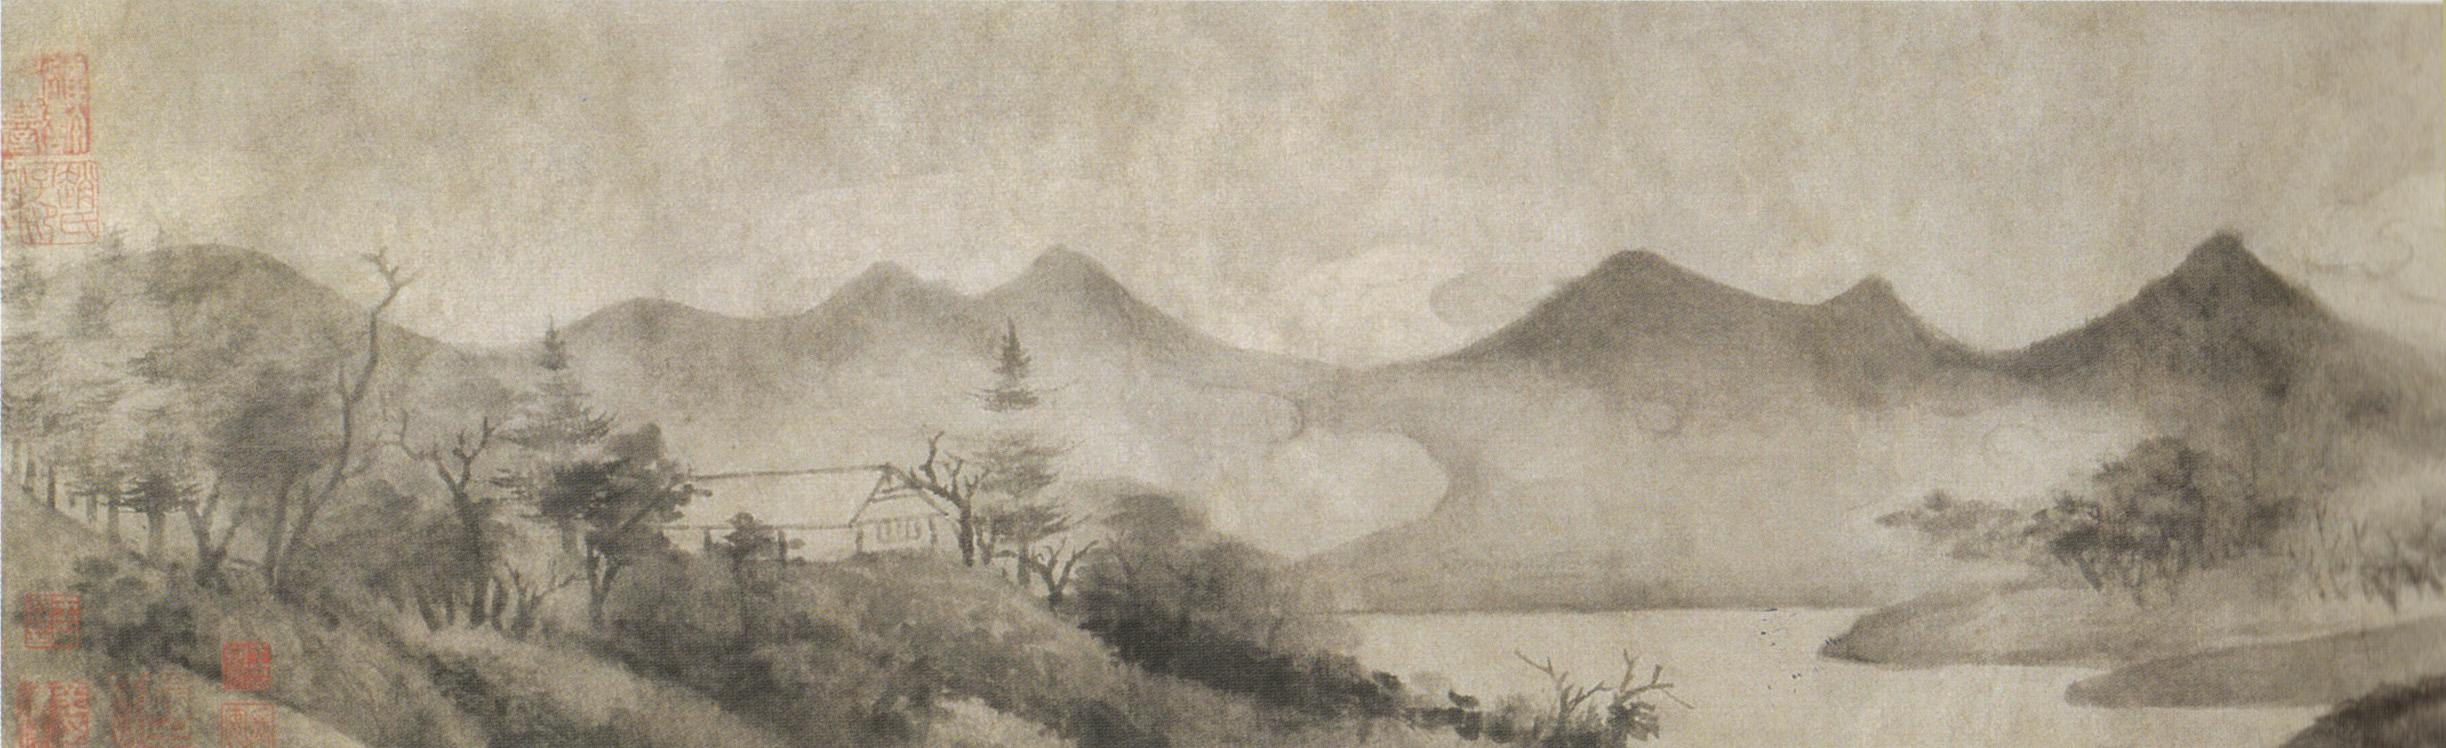 Vue merveilleuse de la Xiao et de la Xiang, rouleau peint par Mi Youren